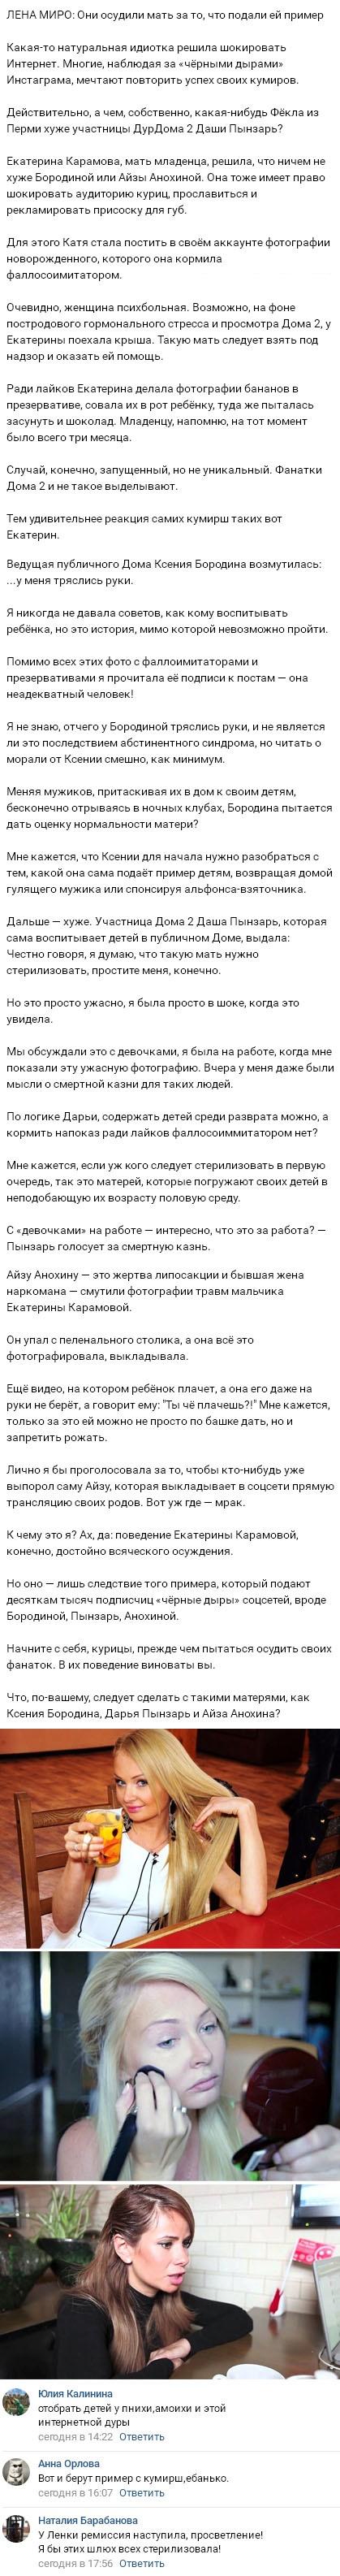 Елена Миро унизила и оскорбила Дарью Пынзарь с Ксенией Бородиной